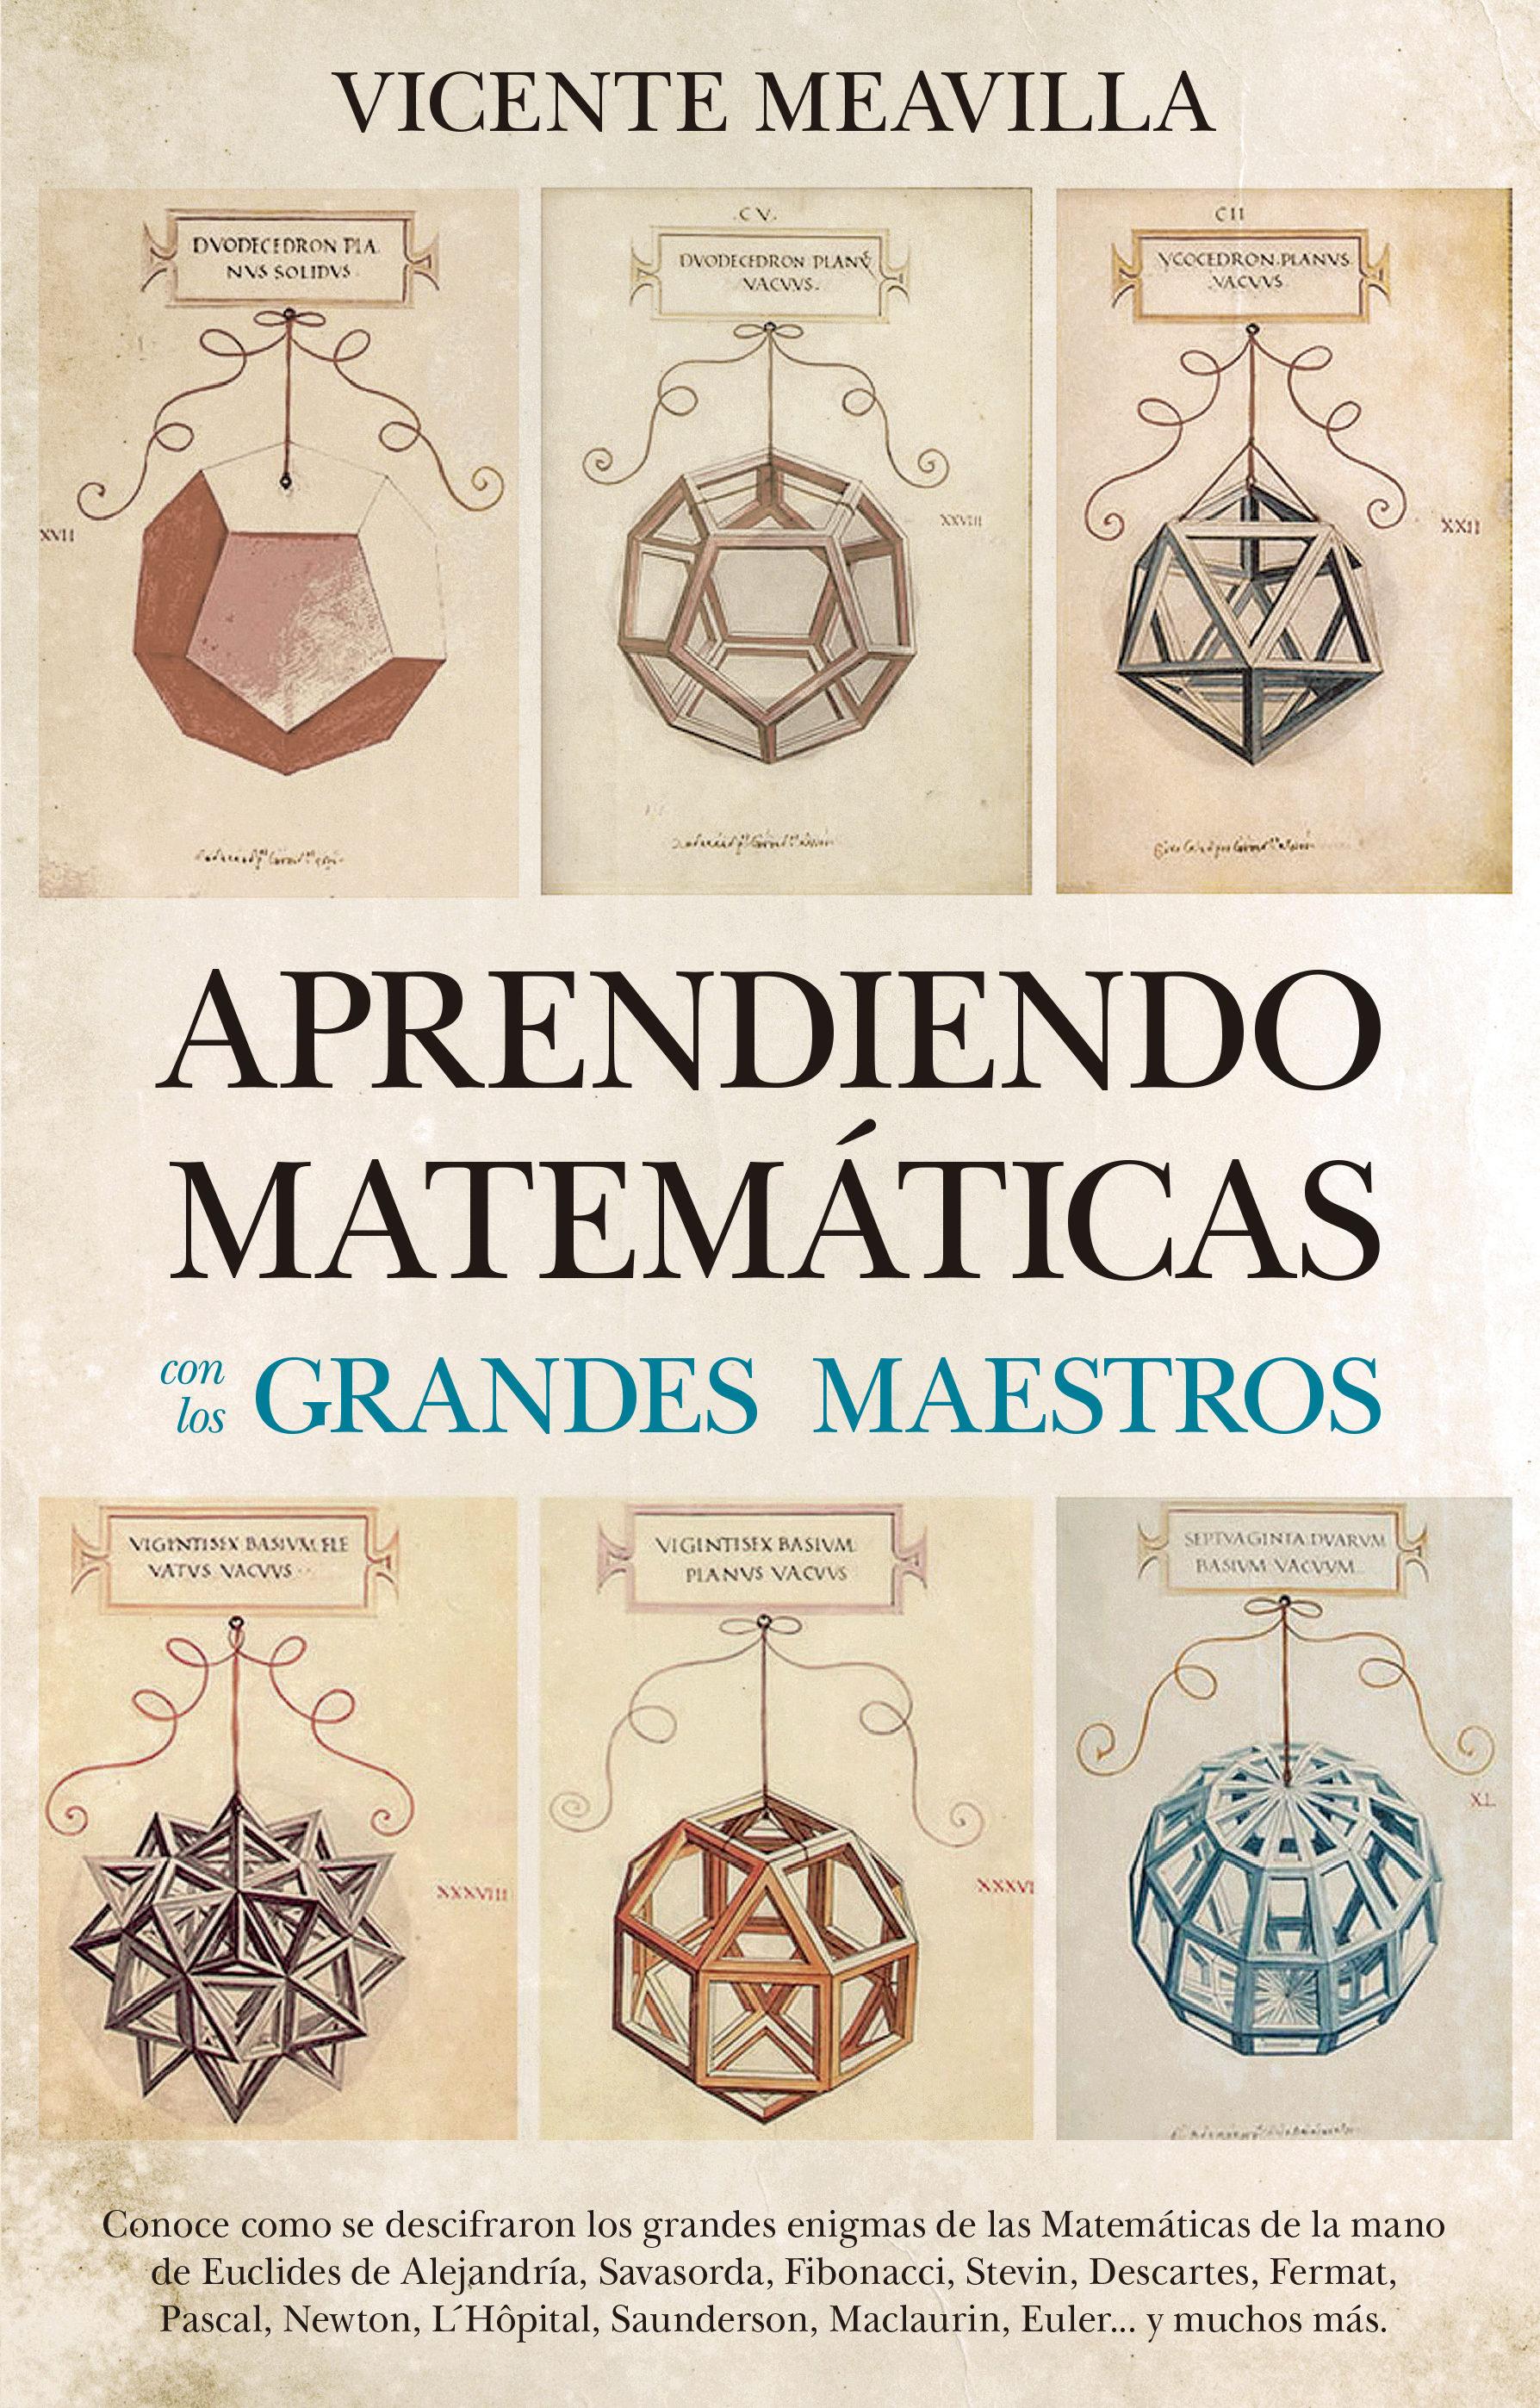 Aprendiendo Matemticas Con Los Grandes Maestros Vicente Maevilla Conoce A Del Origami 9788494608520